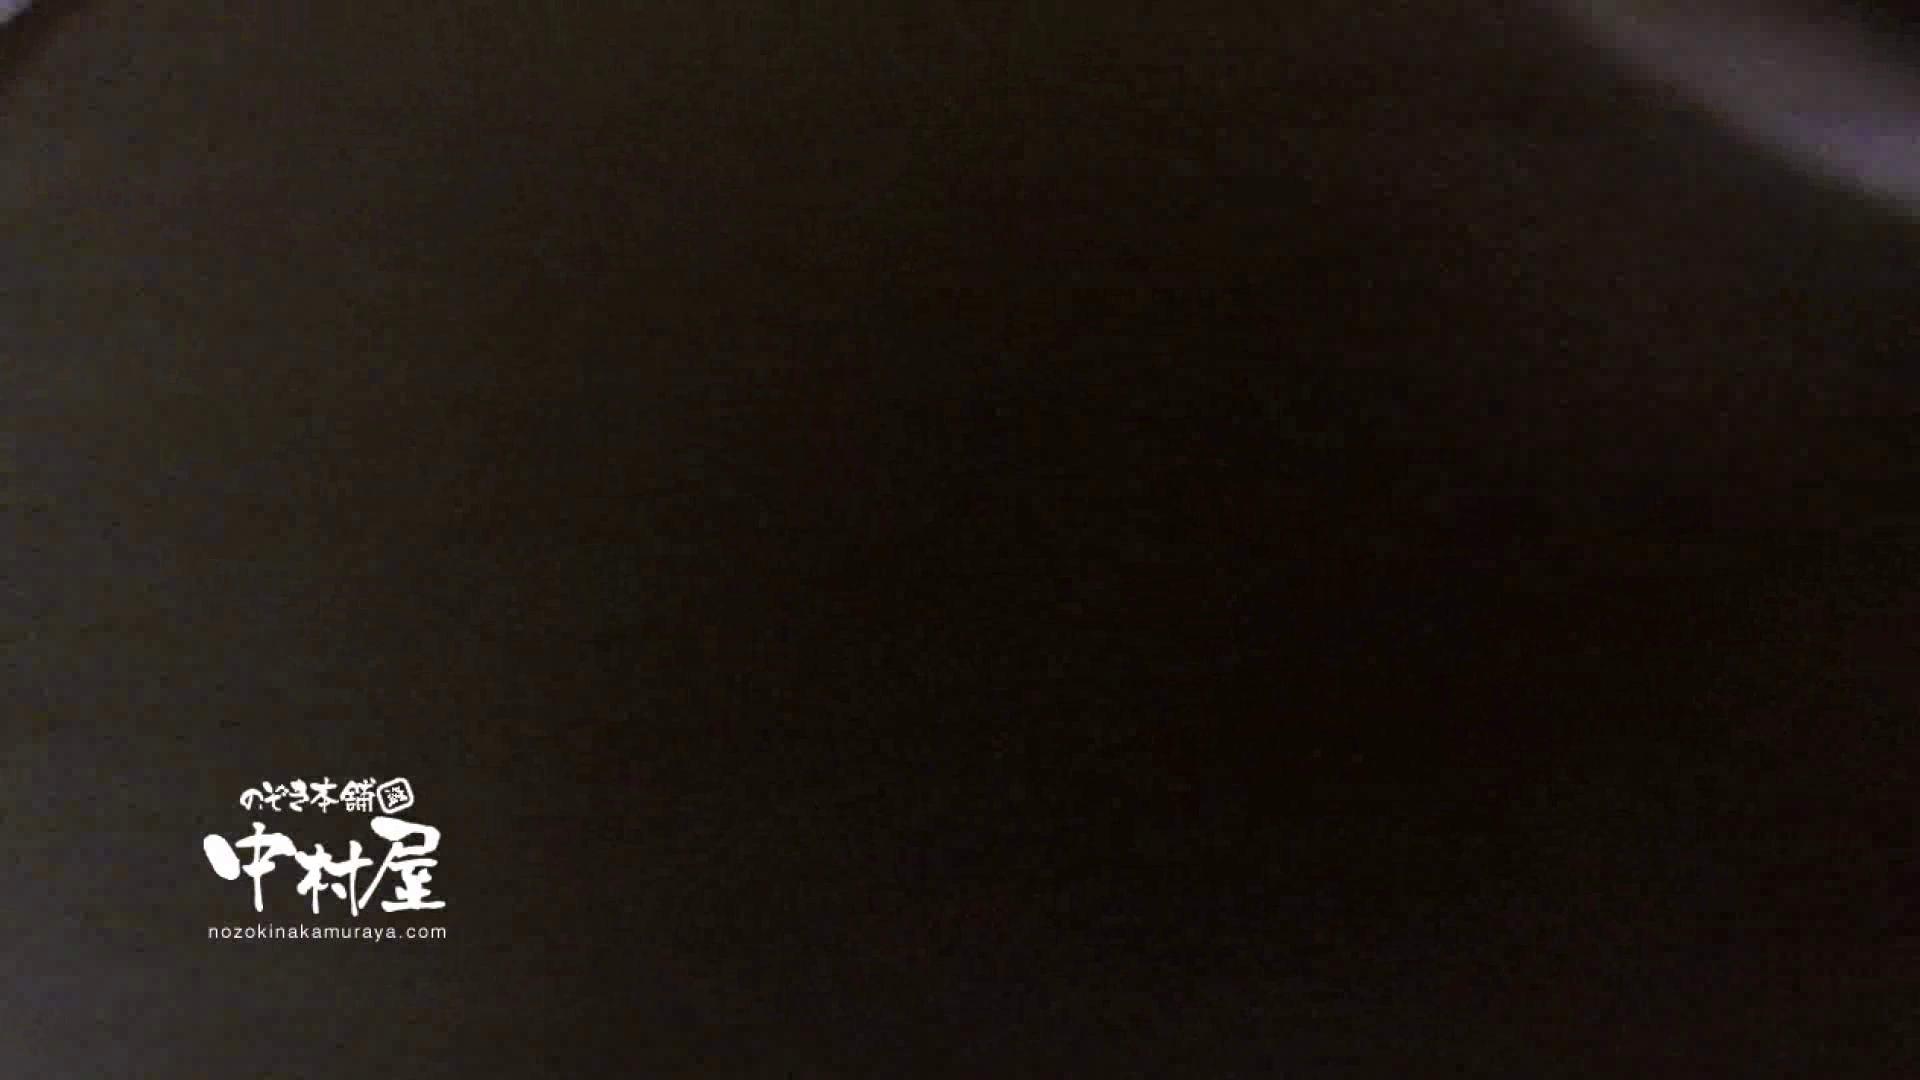 鬼畜 vol.10 あぁ無情…中出しパイパン! 前編 鬼畜   パイパン  76PIX 40